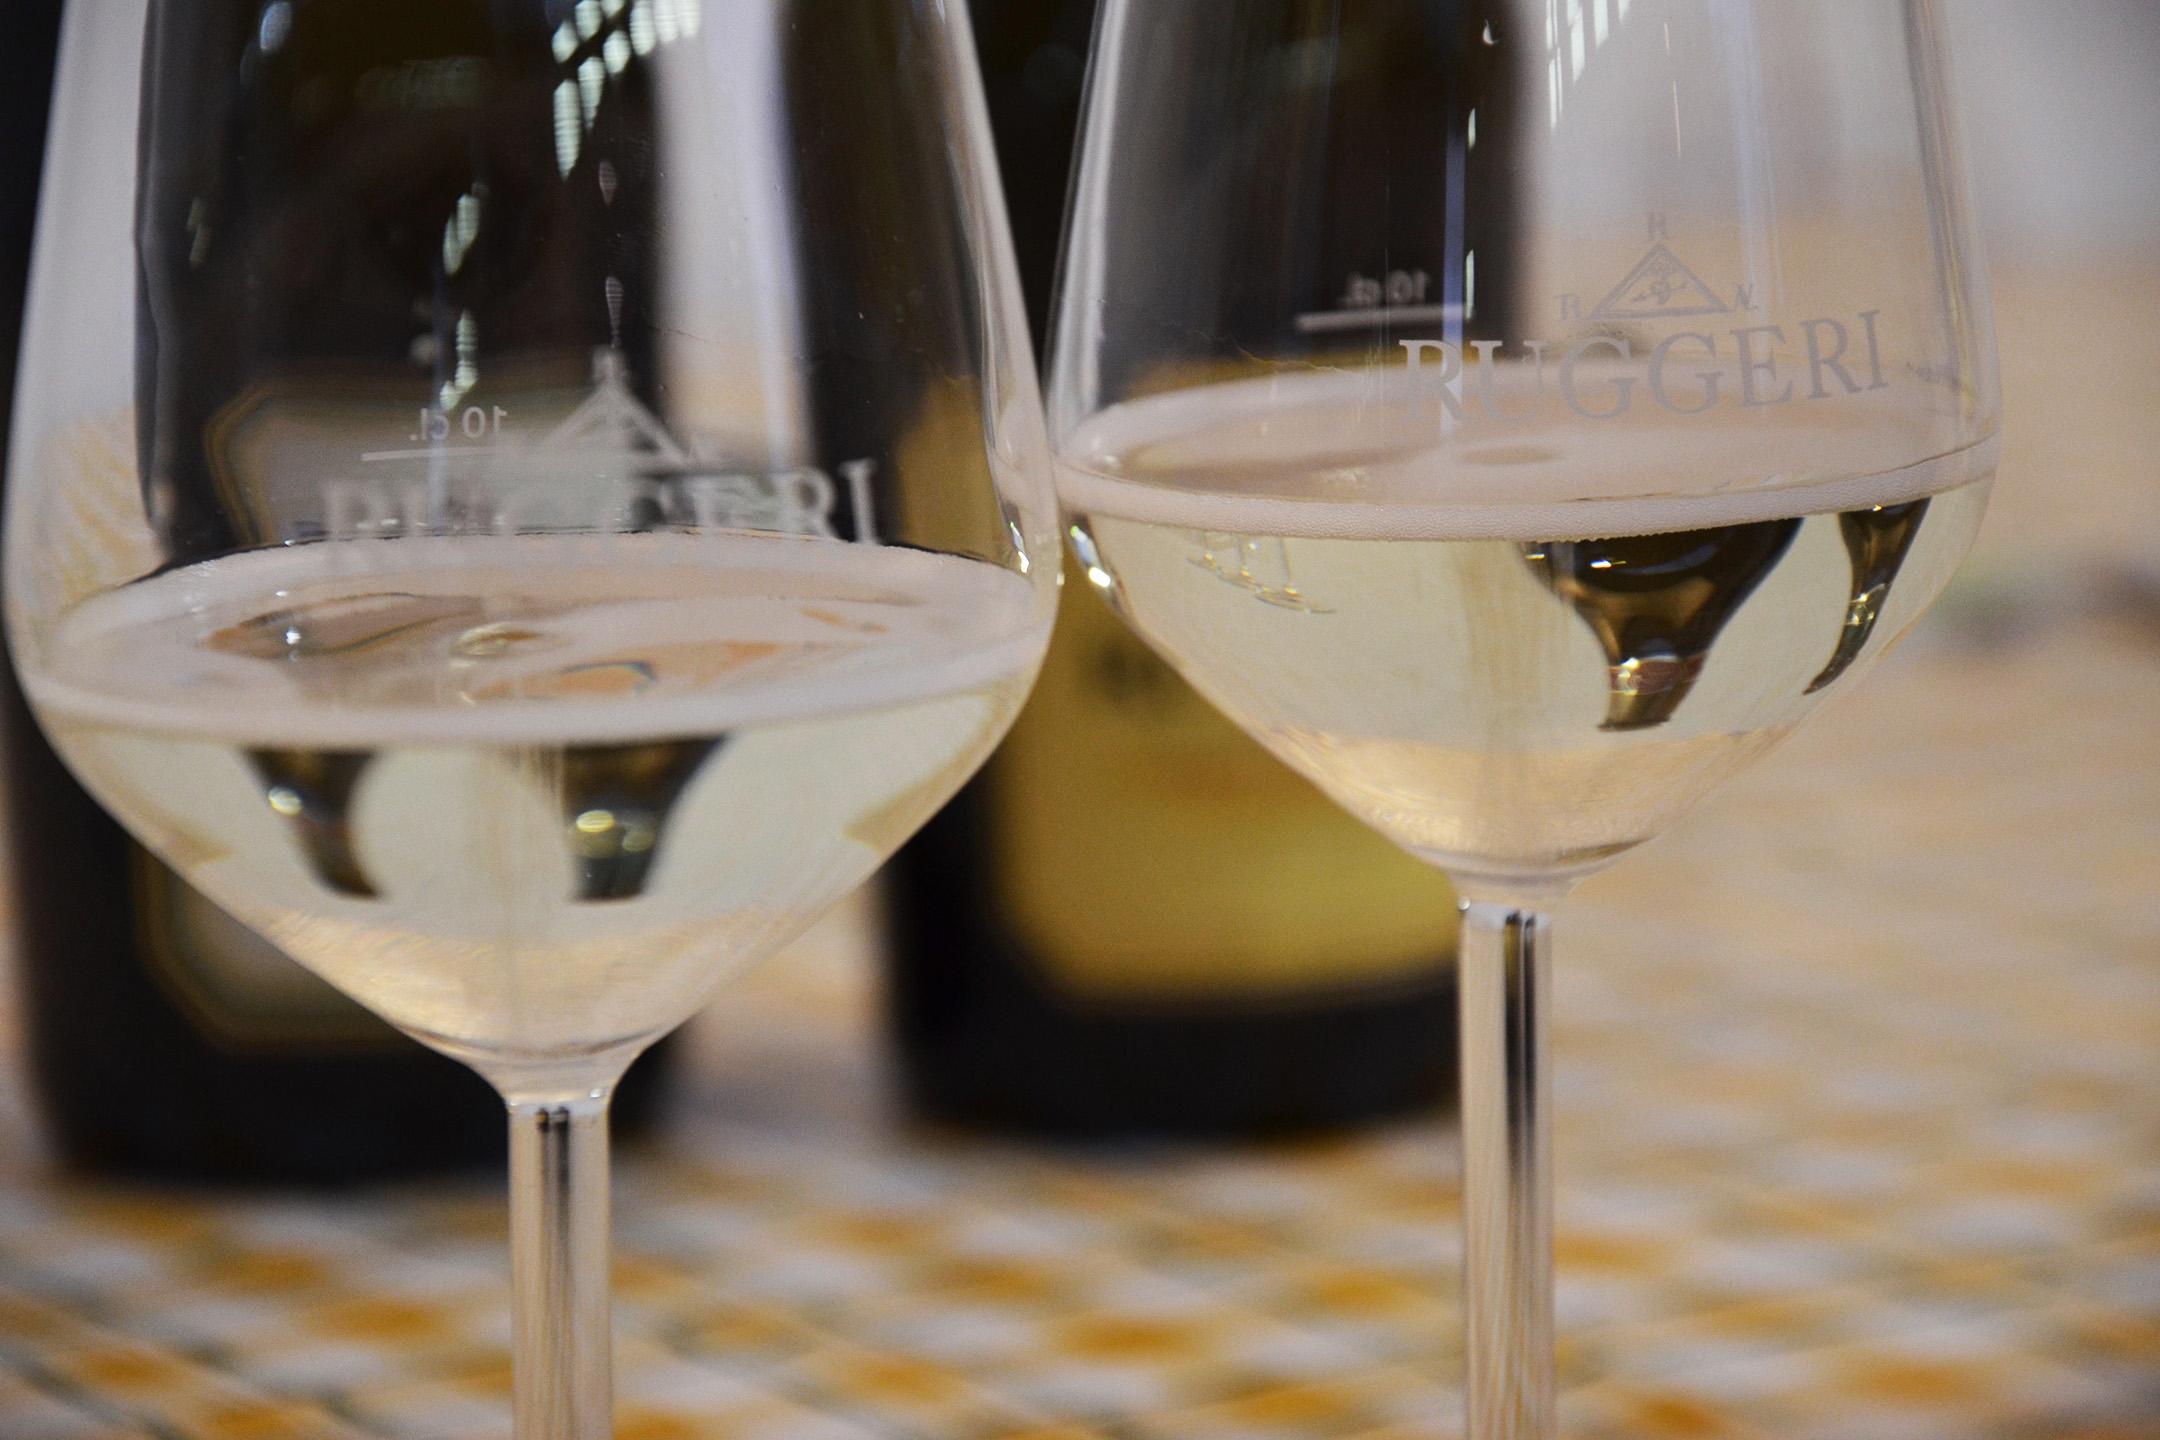 prosecco-ruggeri-styleshouts-alessia-canella-vino